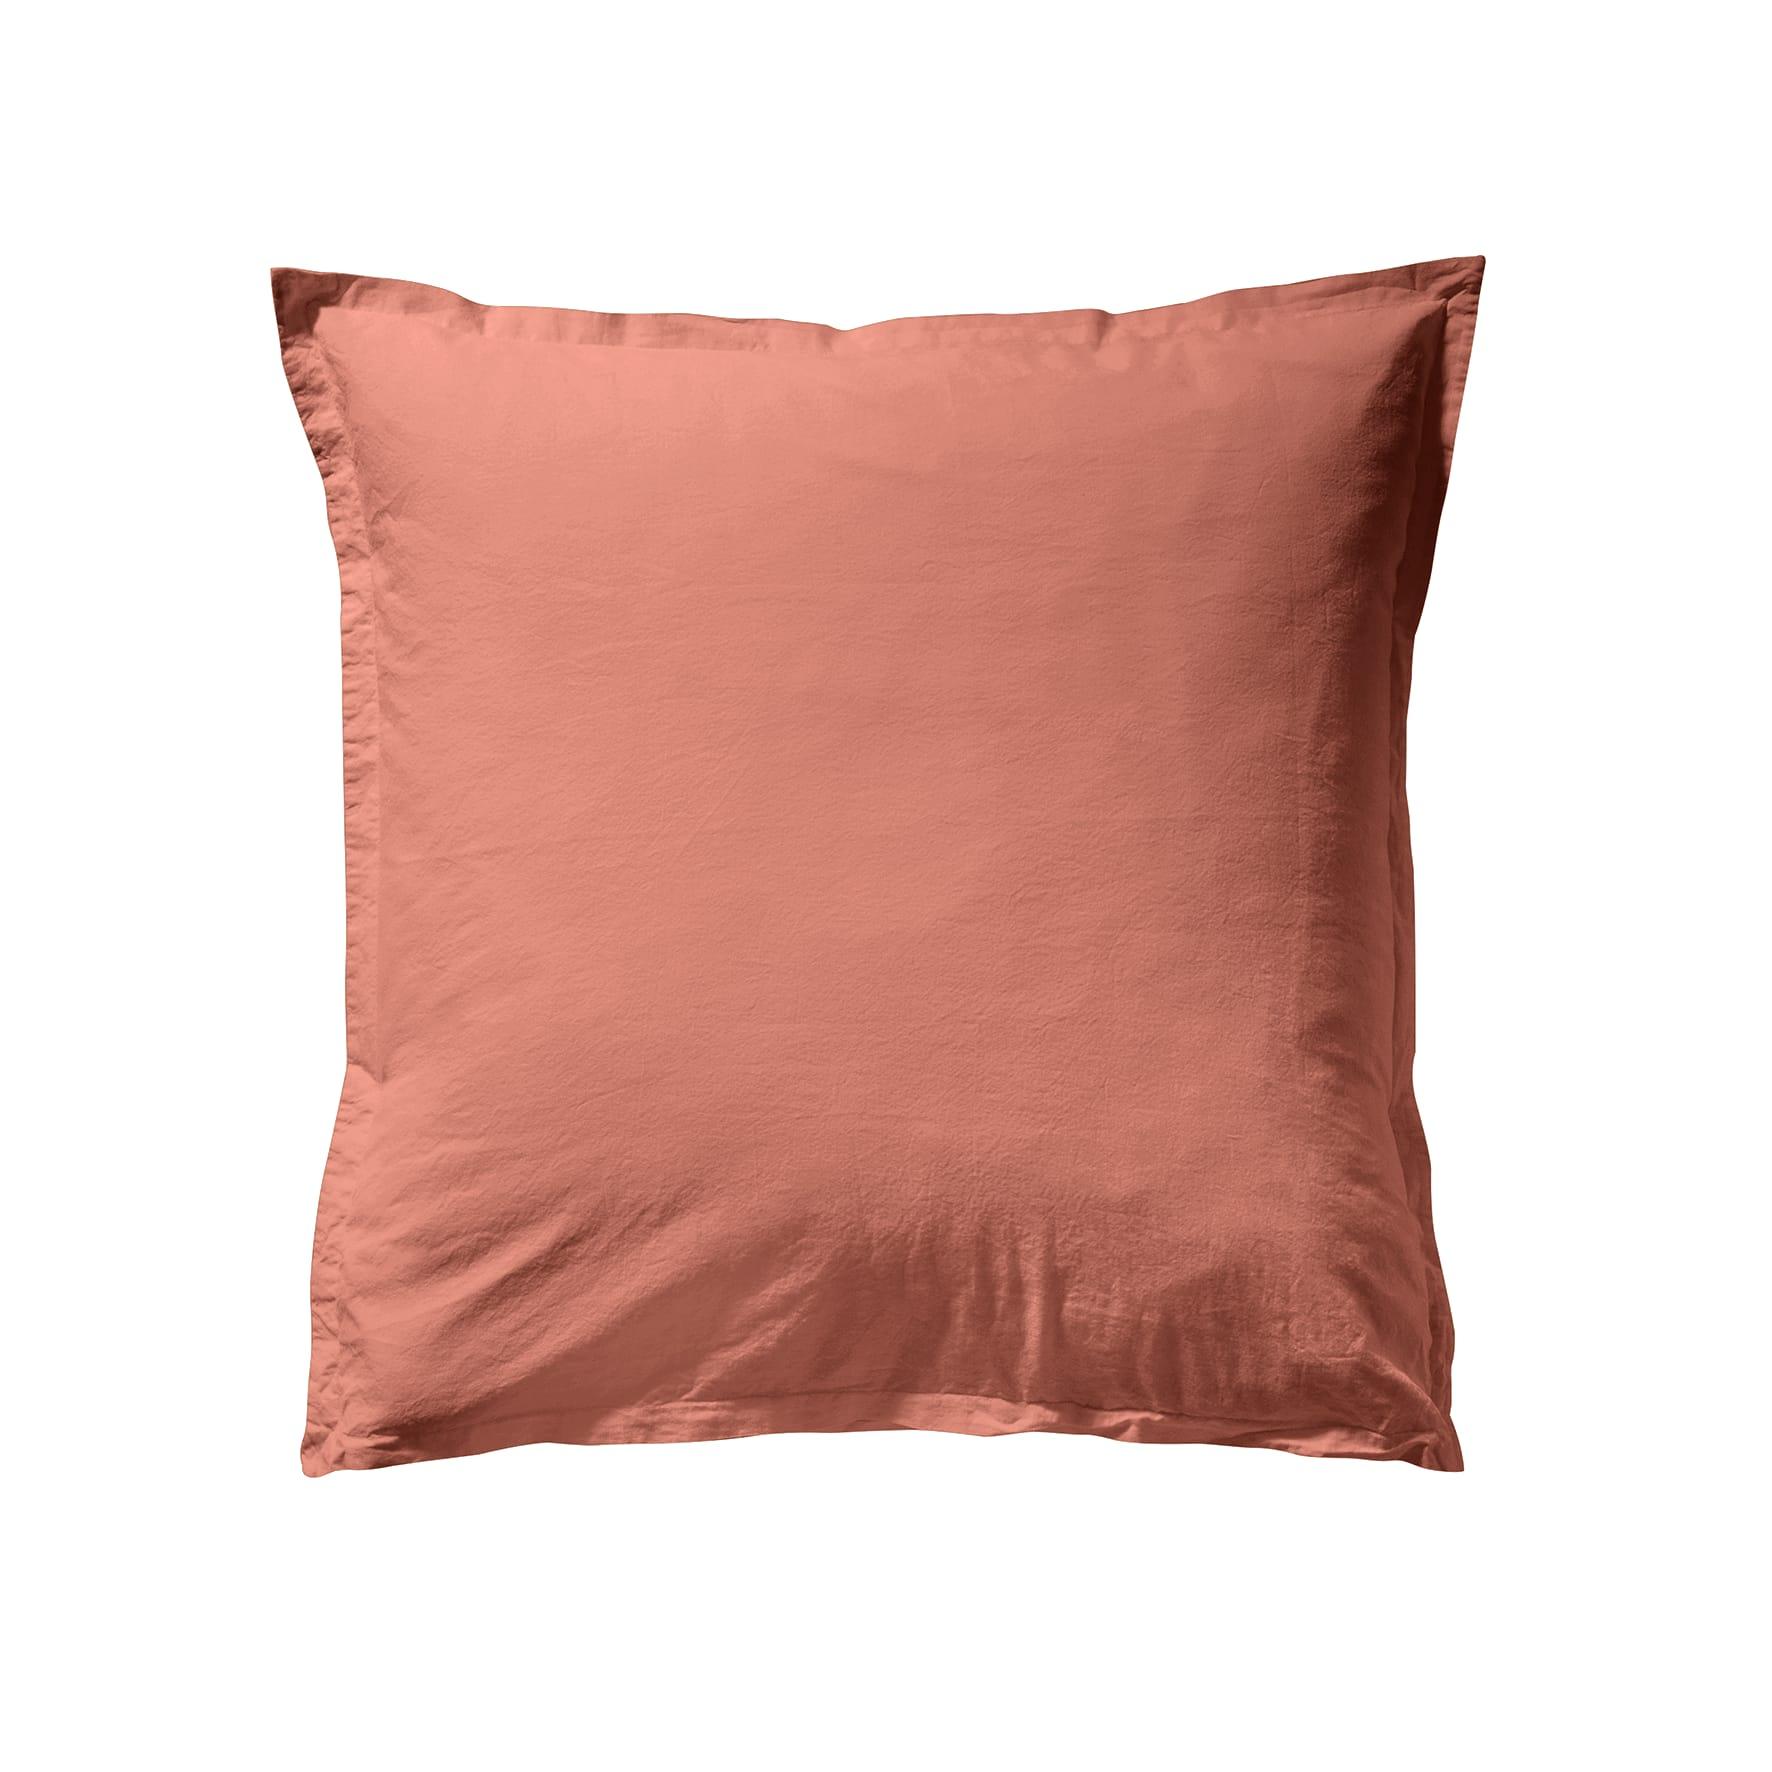 Taie d'oreiller unie en coton lavé Terracotta 65x65